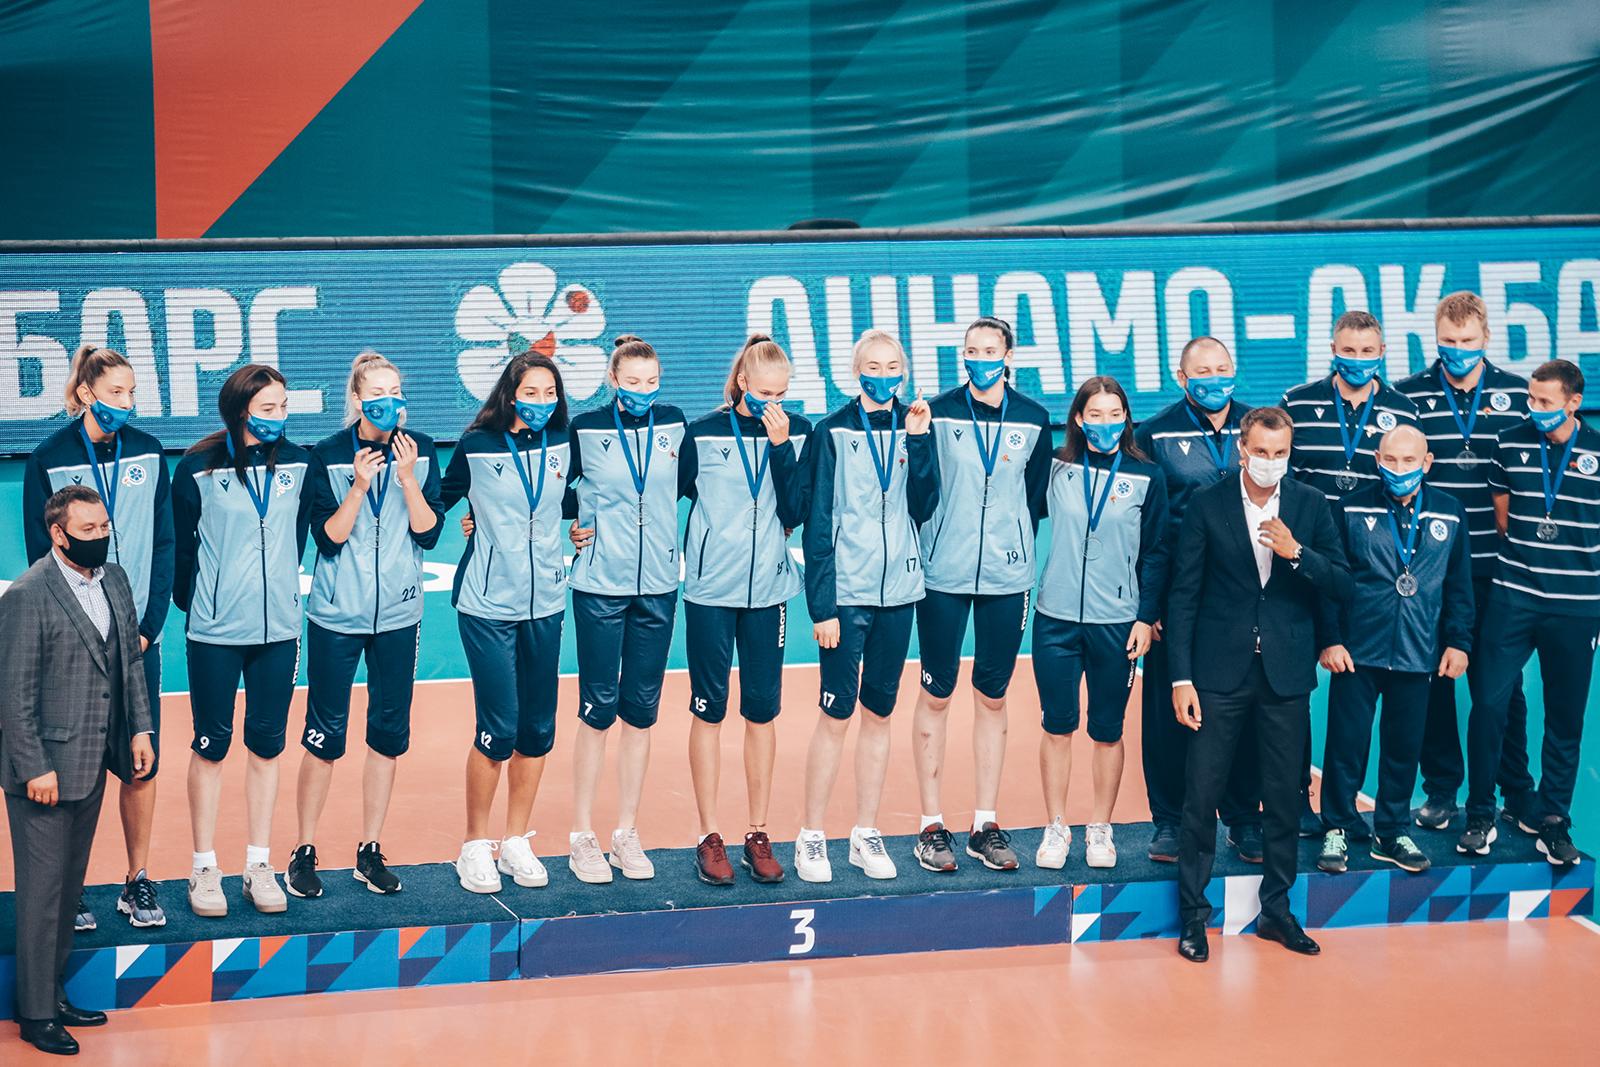 финал кубка россии по волейболу калининград фото марса создал